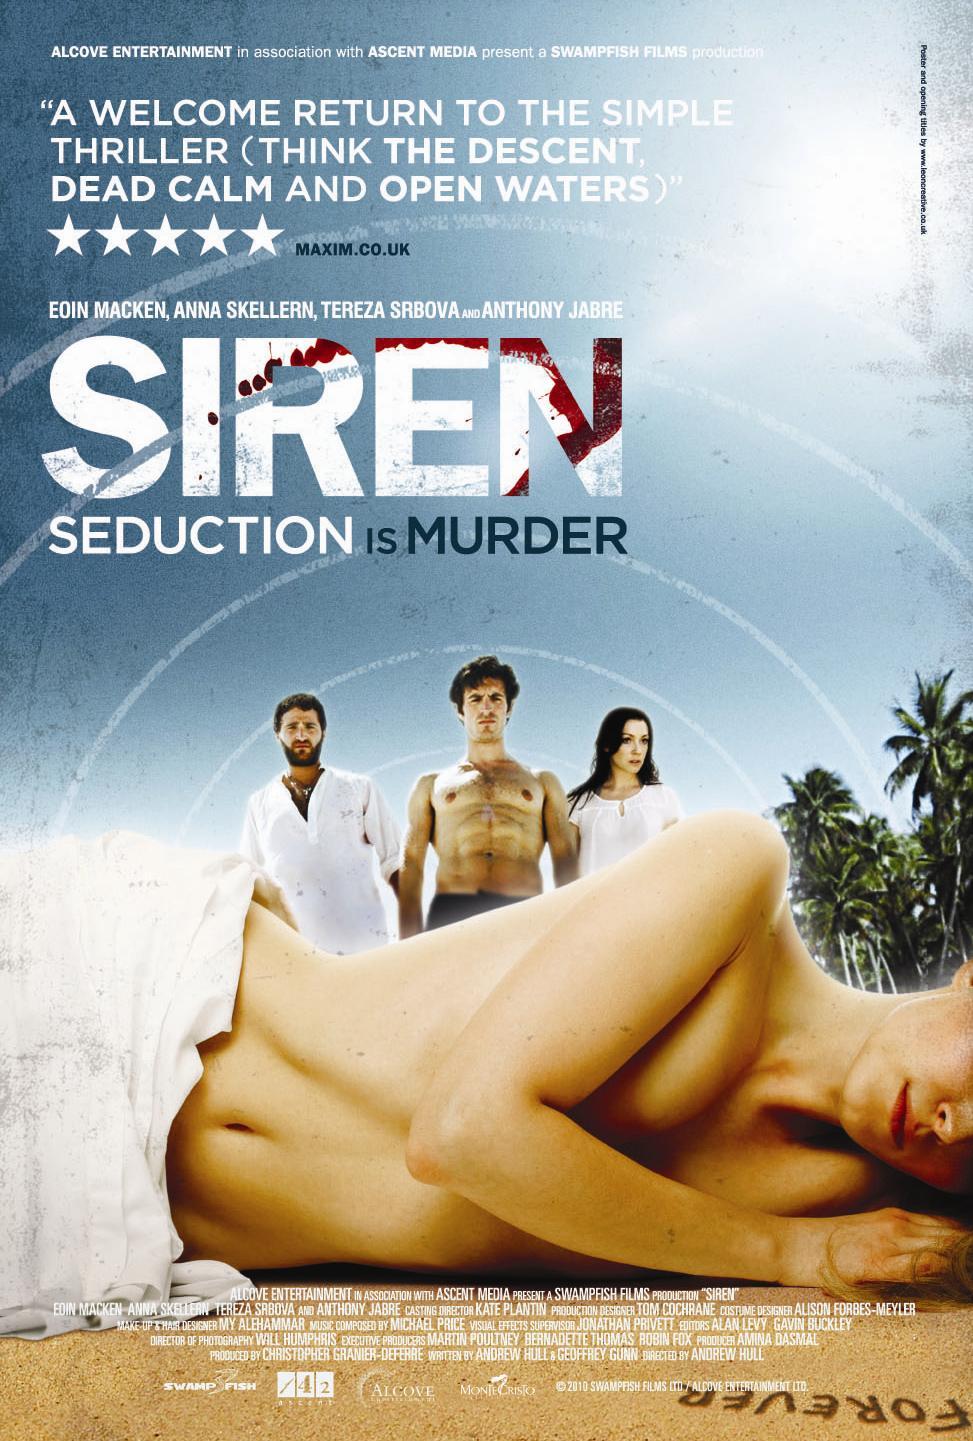 Siren (2010) 2010 poster